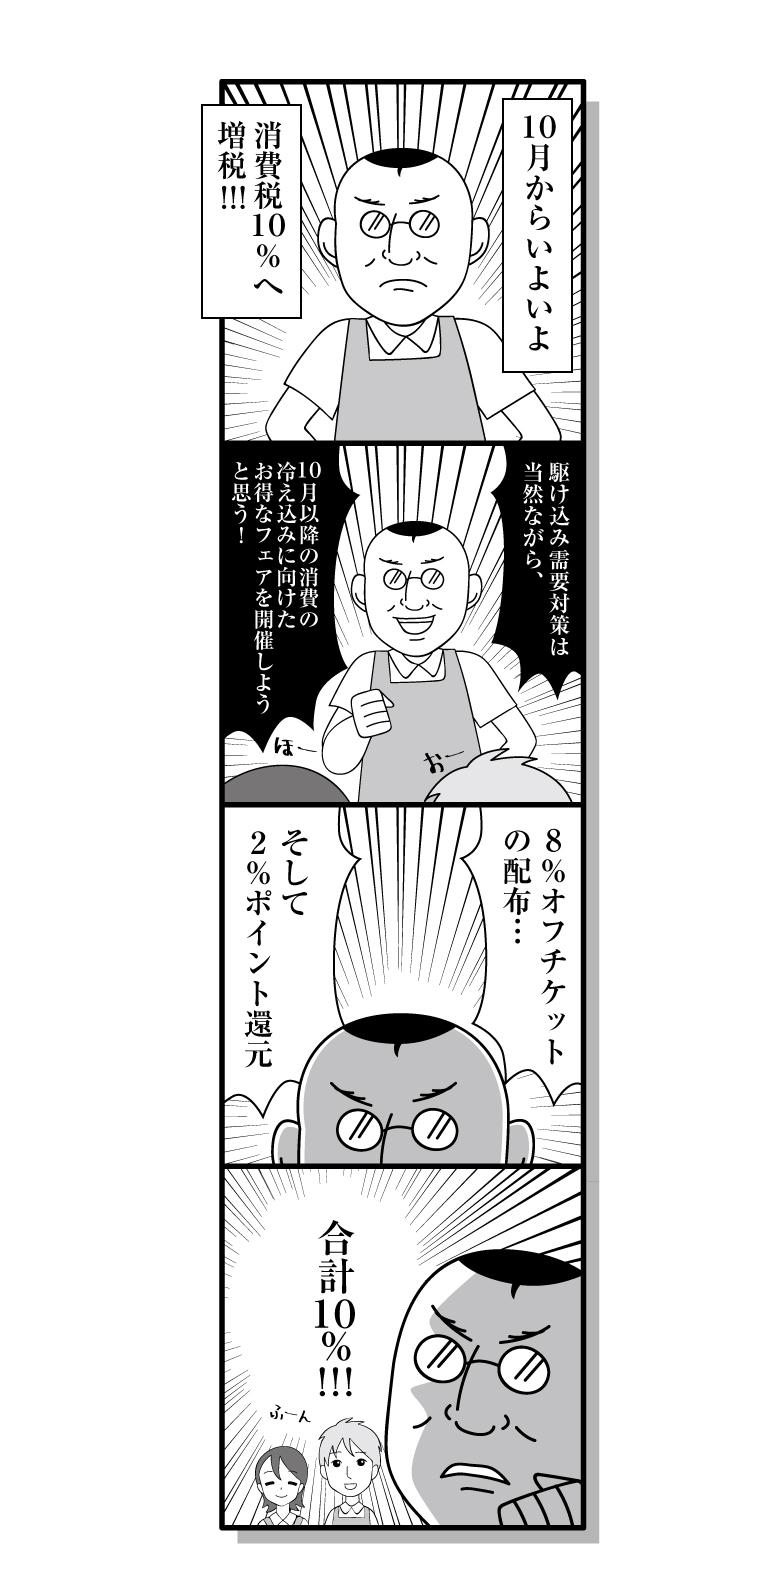 190921_manga